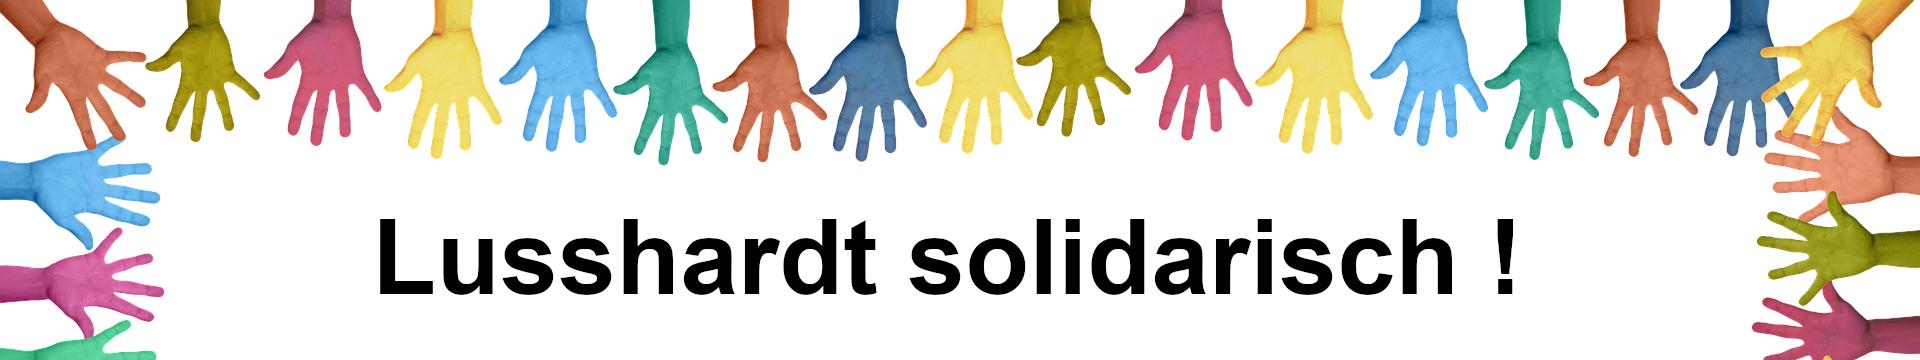 Lusshardt solidarisch !